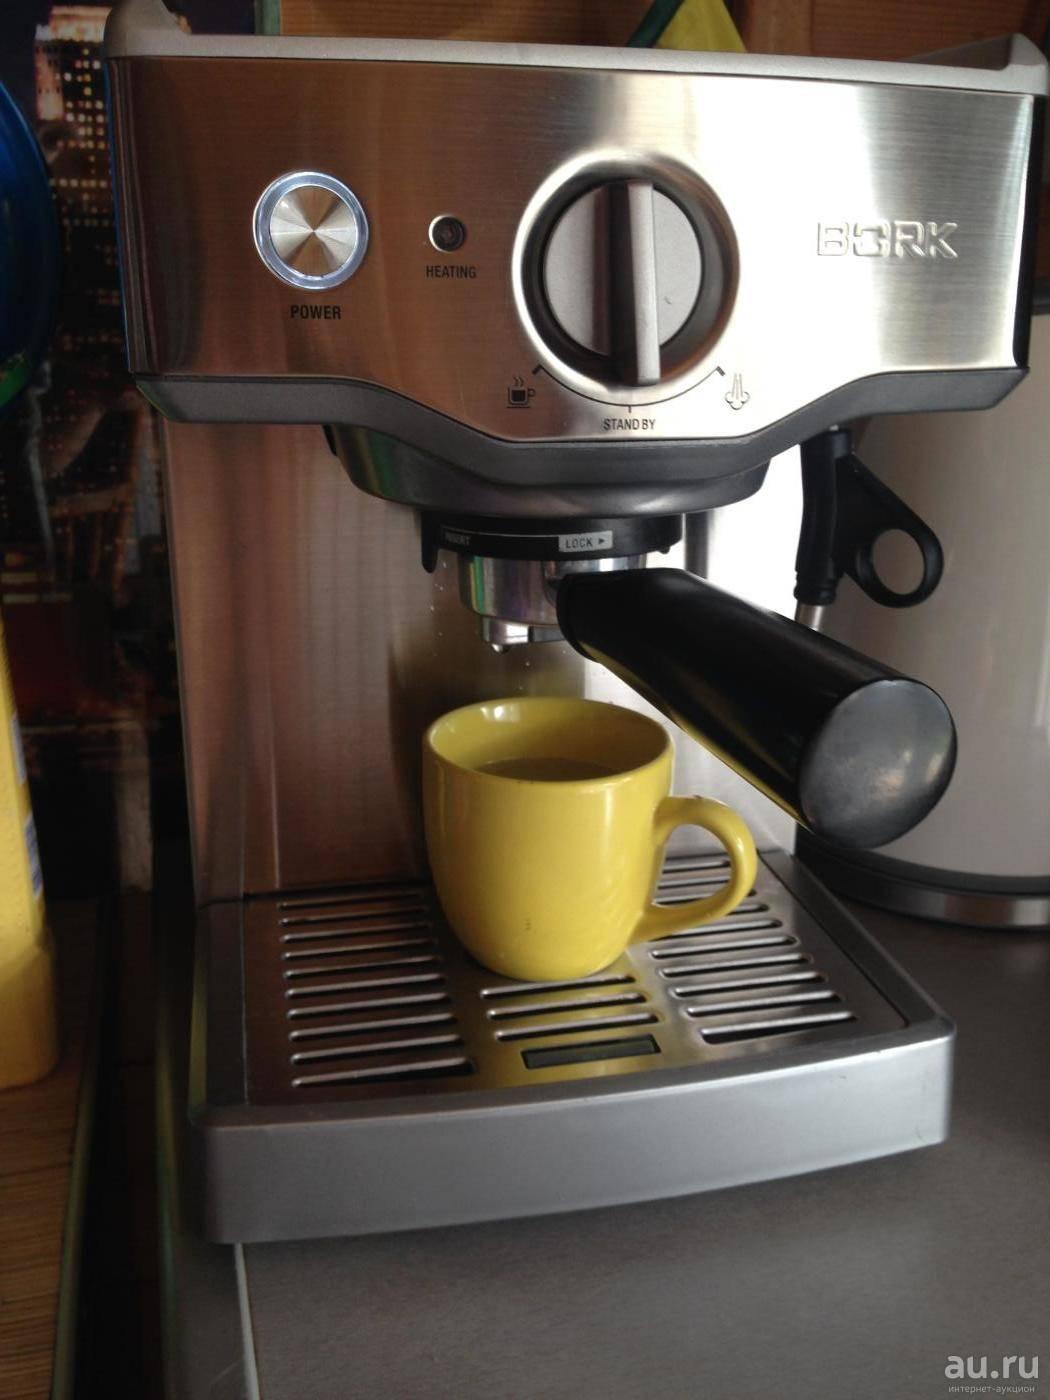 Выбираем лучшую модель кофемашины bork